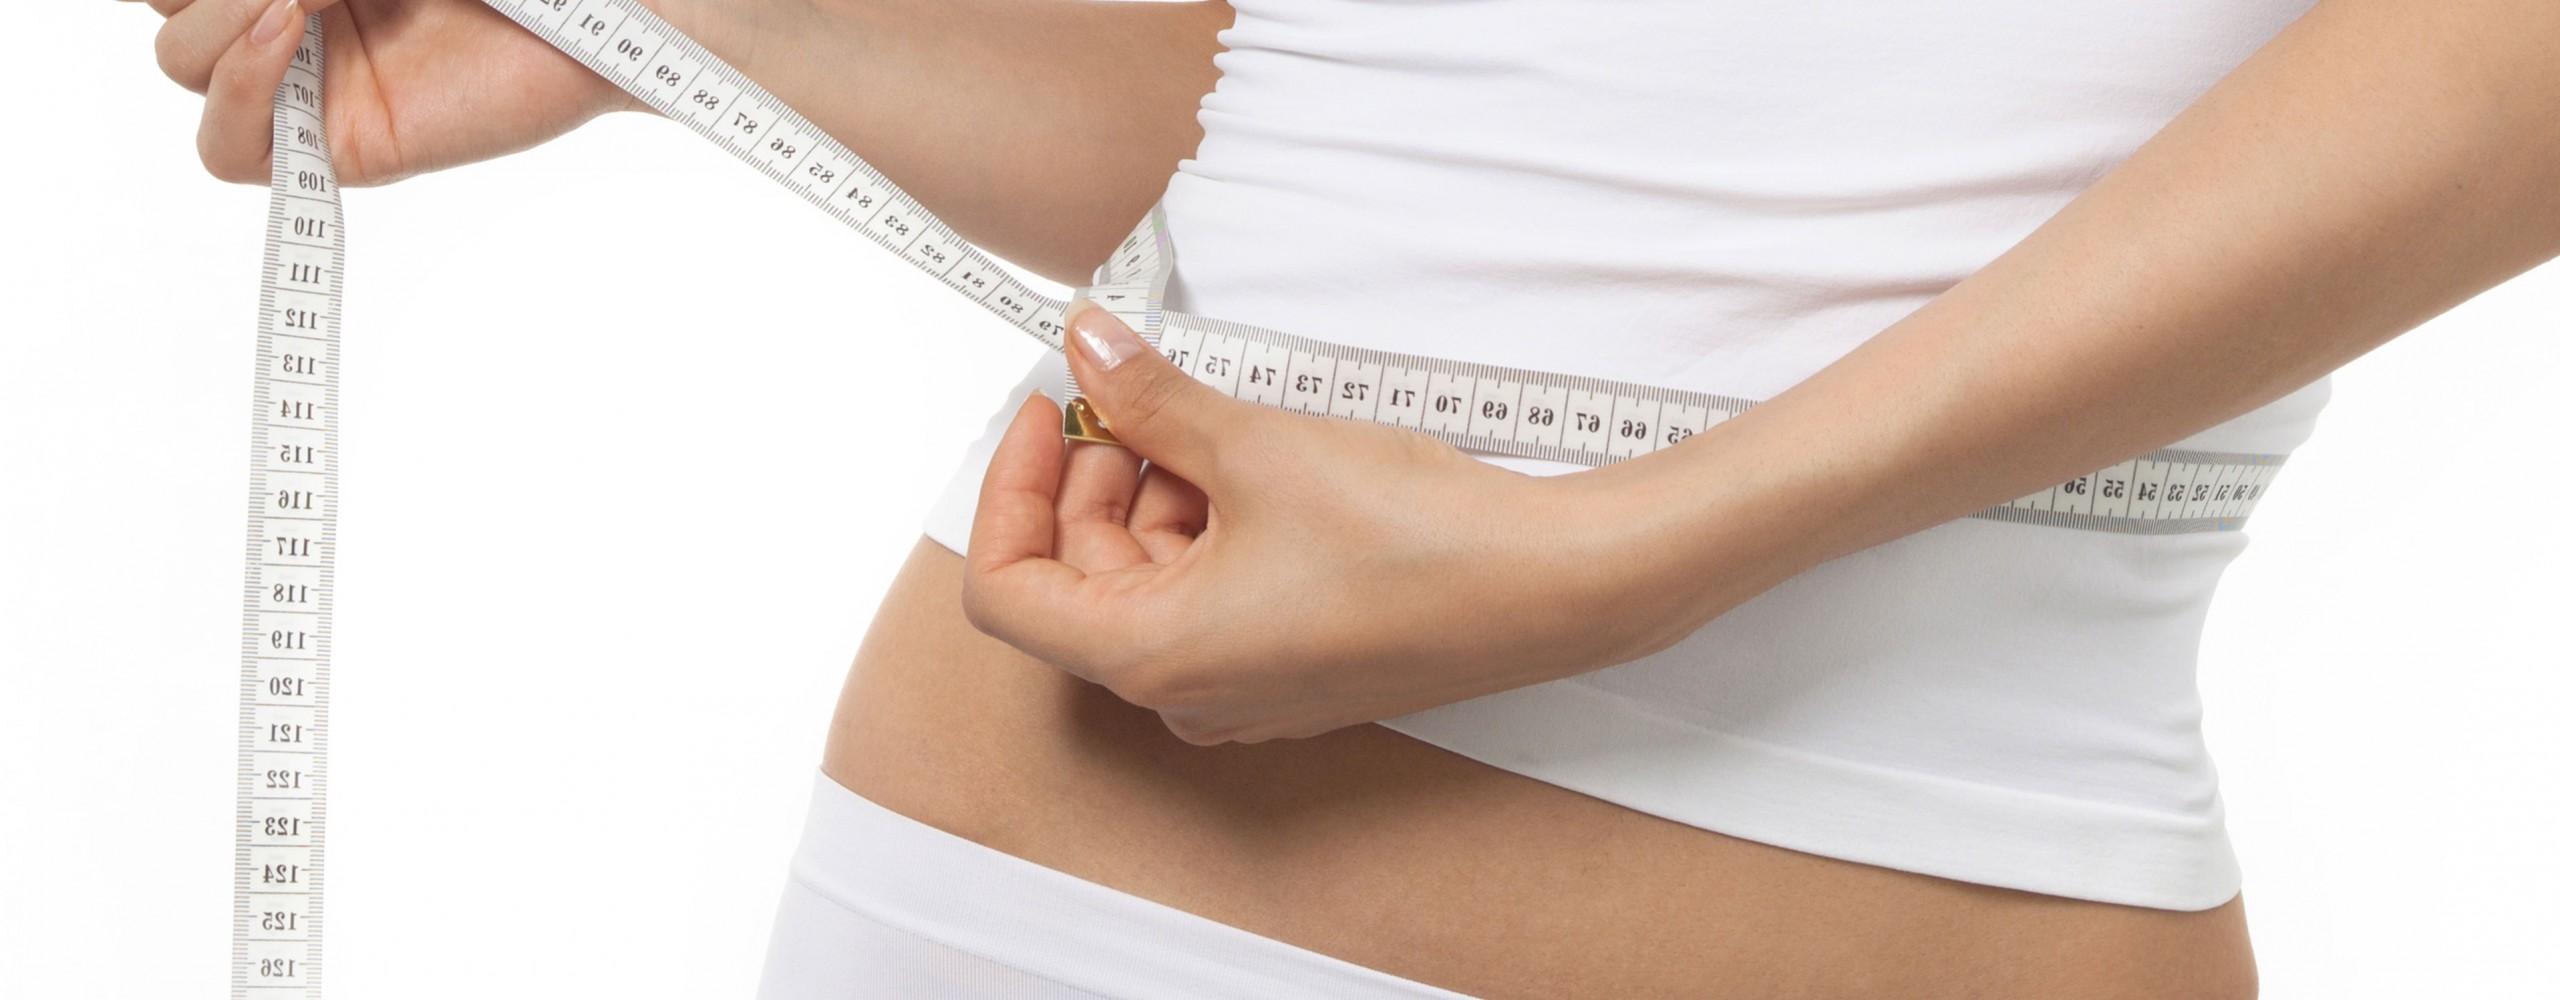 درمان چاقی با استفاده از طب سوزنی